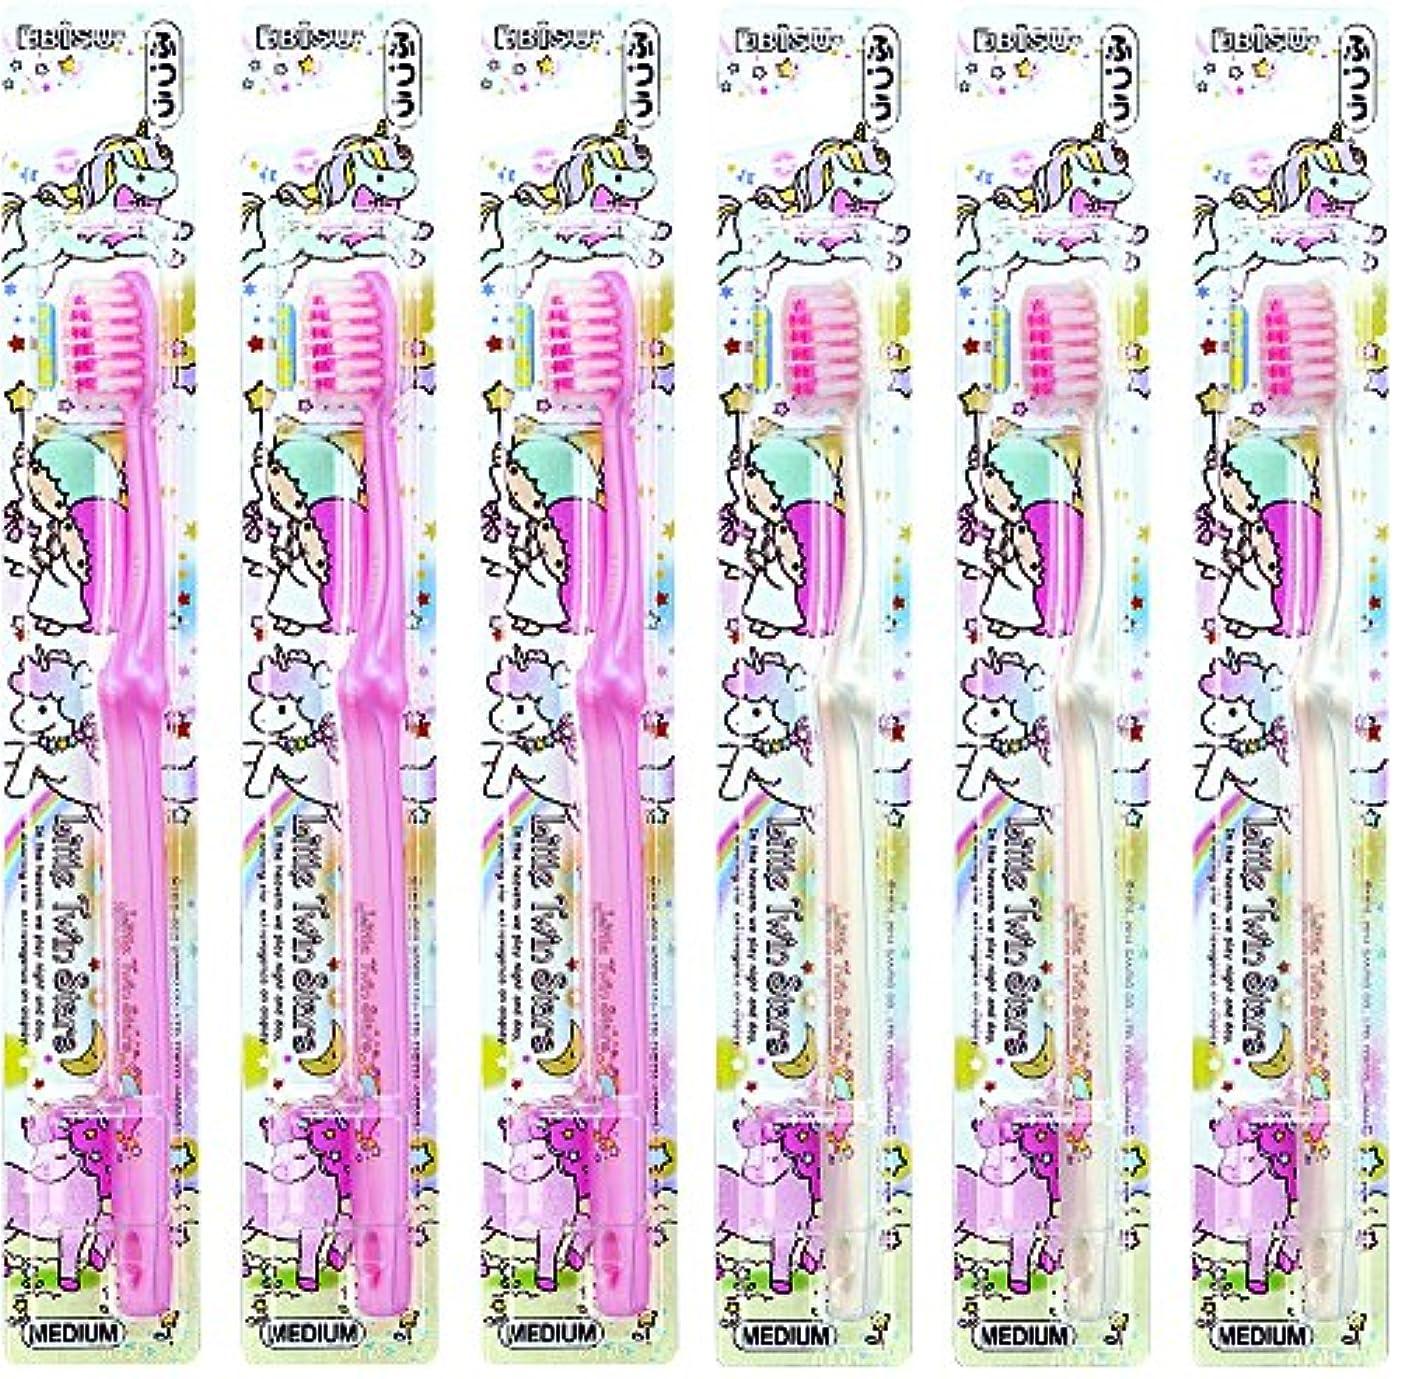 ブルーベル辛なケニアエビス キャラコレ リトルツインスターズハブラシ ふつう 6本組 色おまかせ